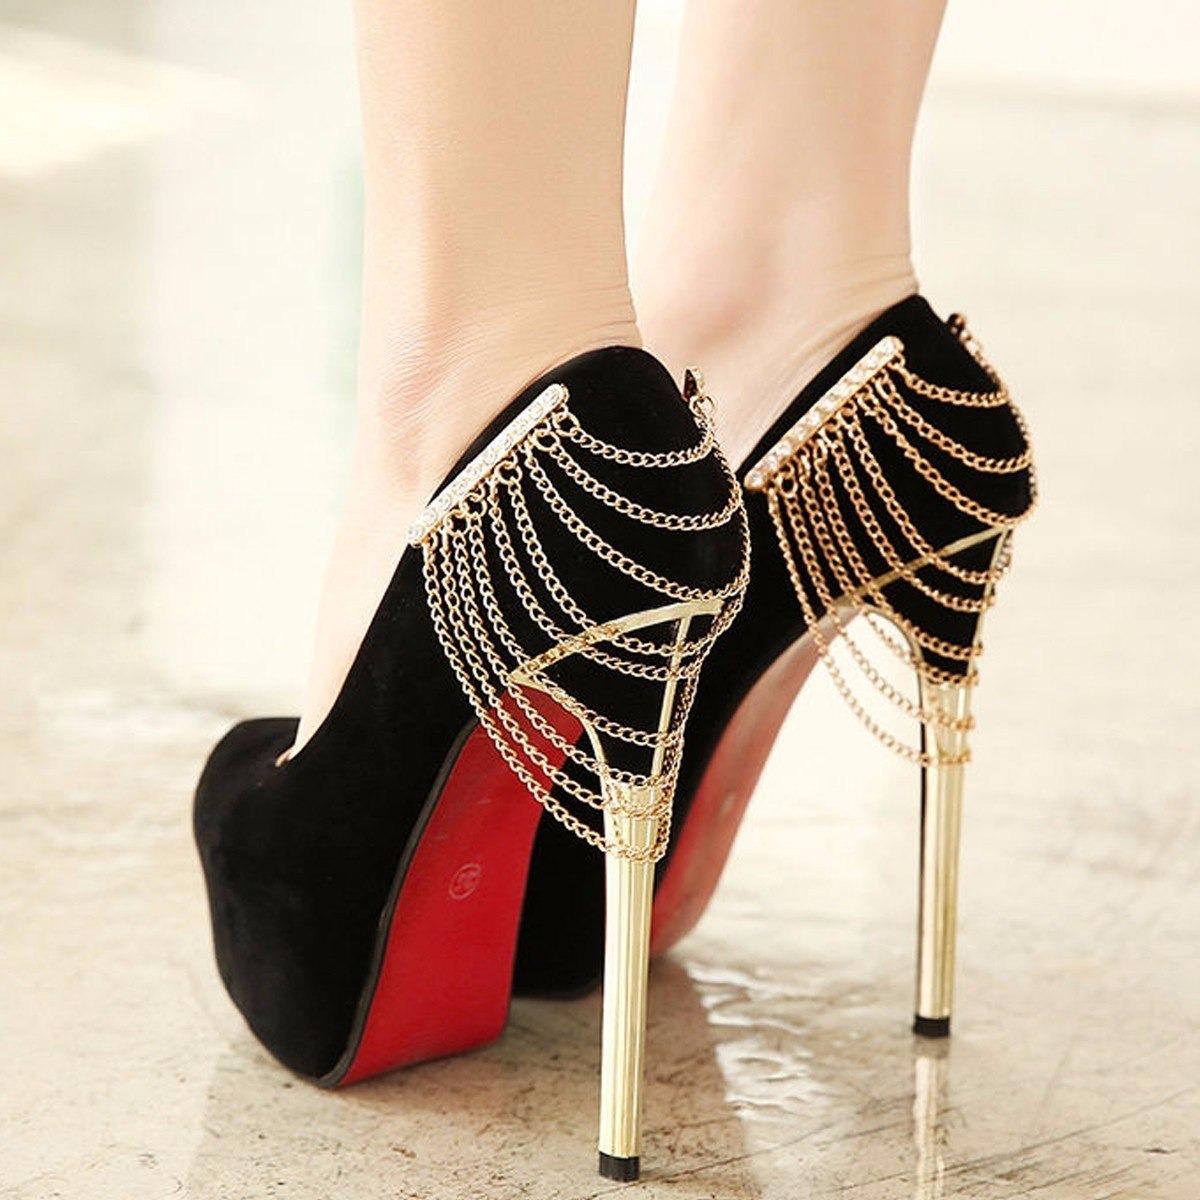 71bde762e5 sapato importado feminino lindo scarpin festa salto alto top. Carregando  zoom.